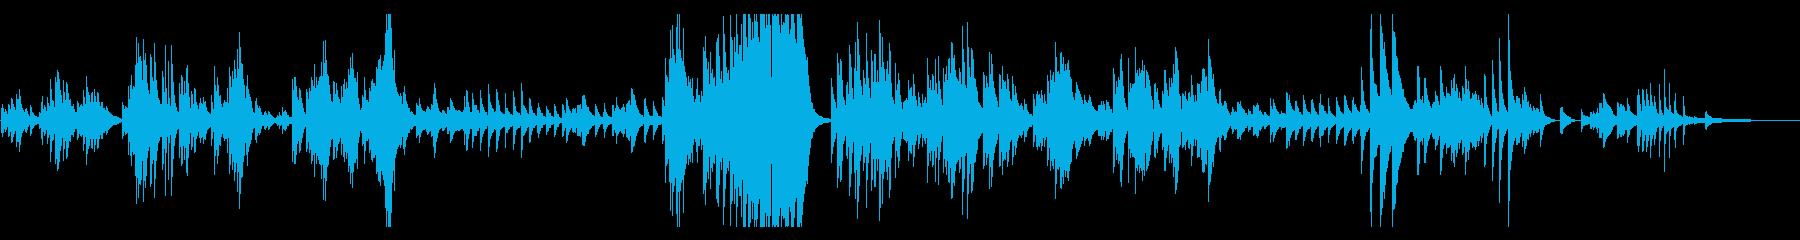 ベートーヴェン ピアノソナタ28番 の再生済みの波形